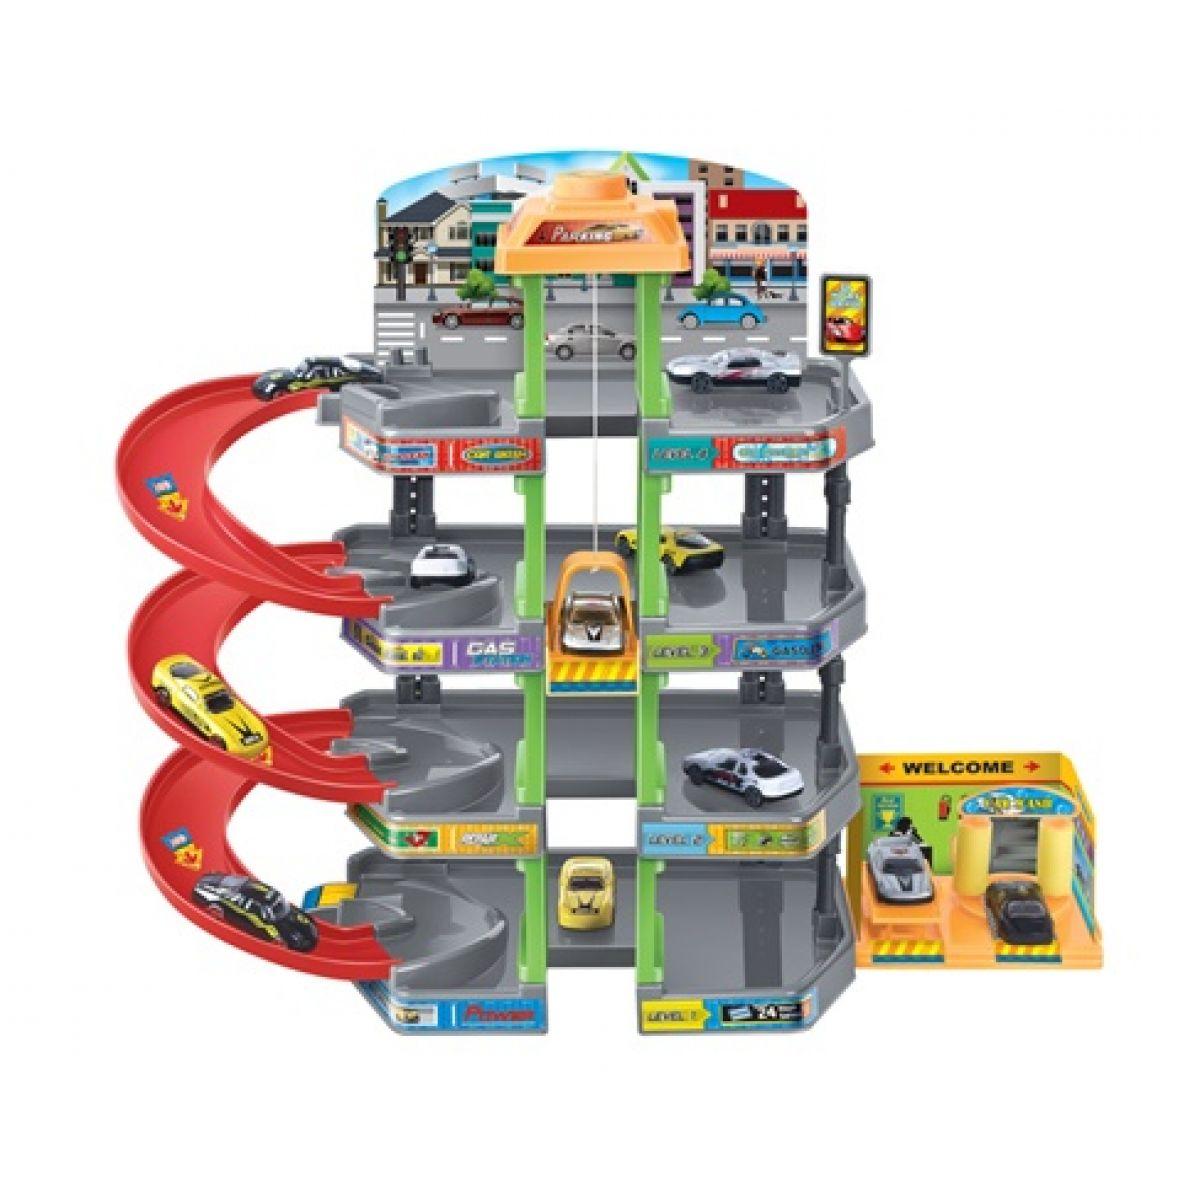 KidsHome Garáž 3 patra s autoservisem a 4 auta - Poškozený obal